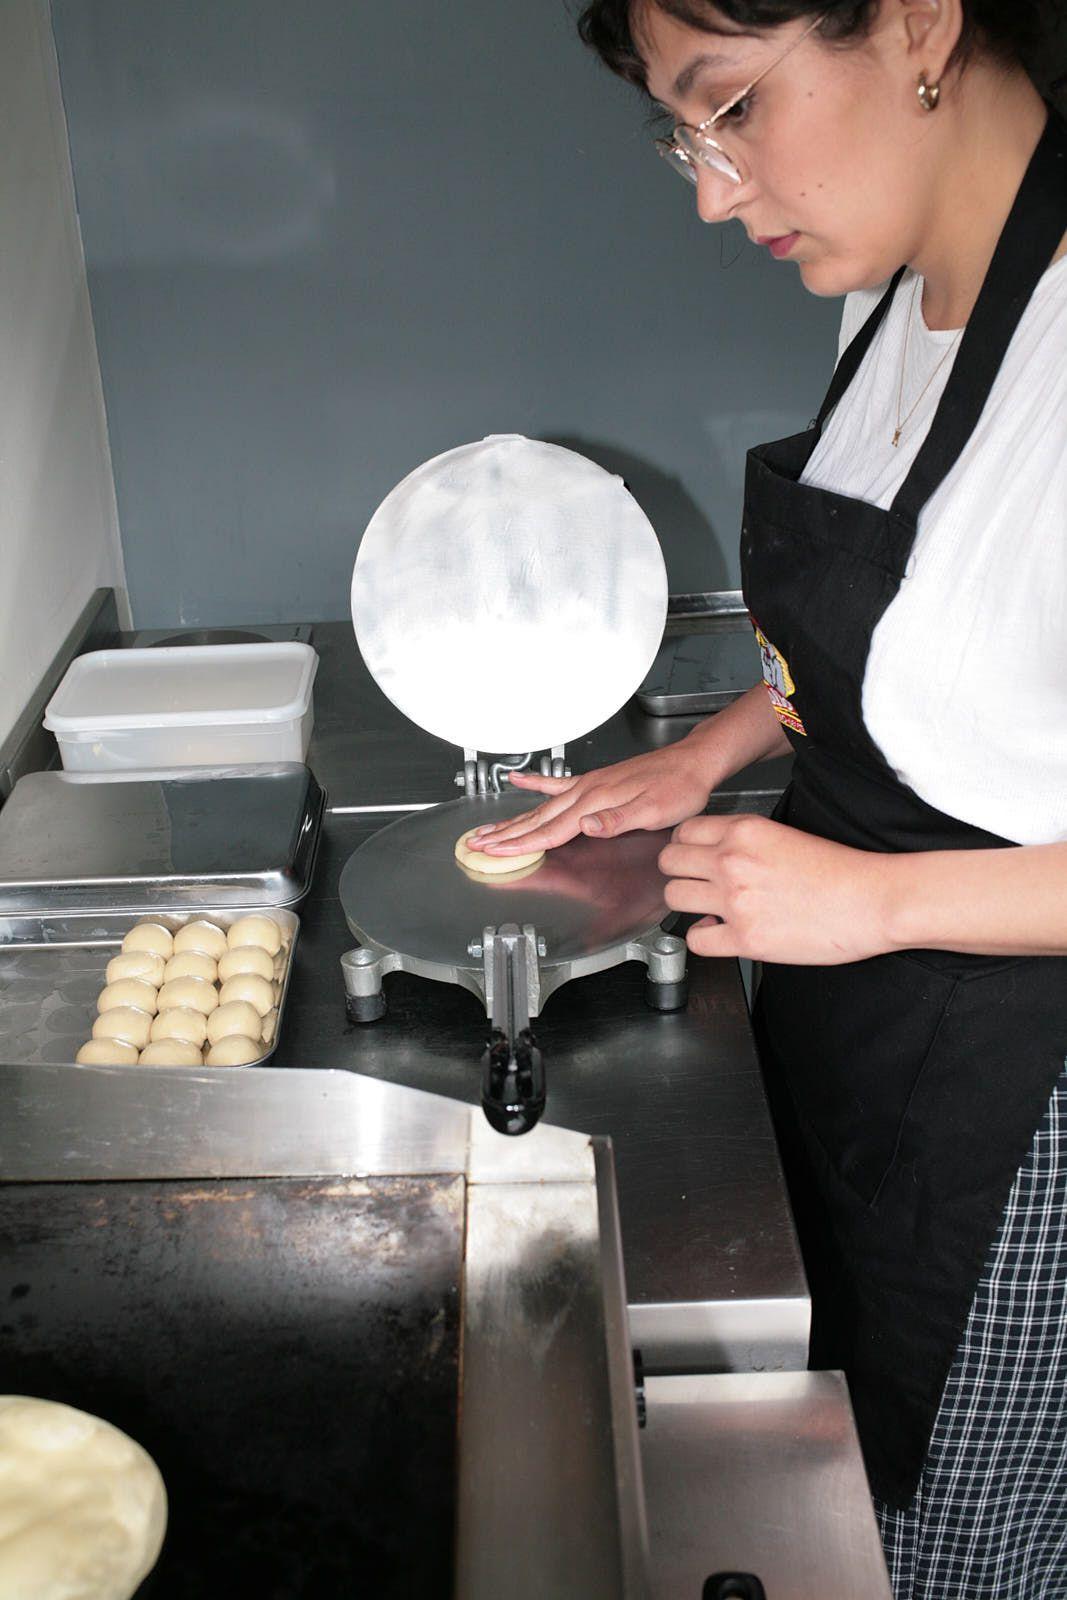 Chef Michelle Salazar making tortillas at Pollo Feliz in Netil Market this summer